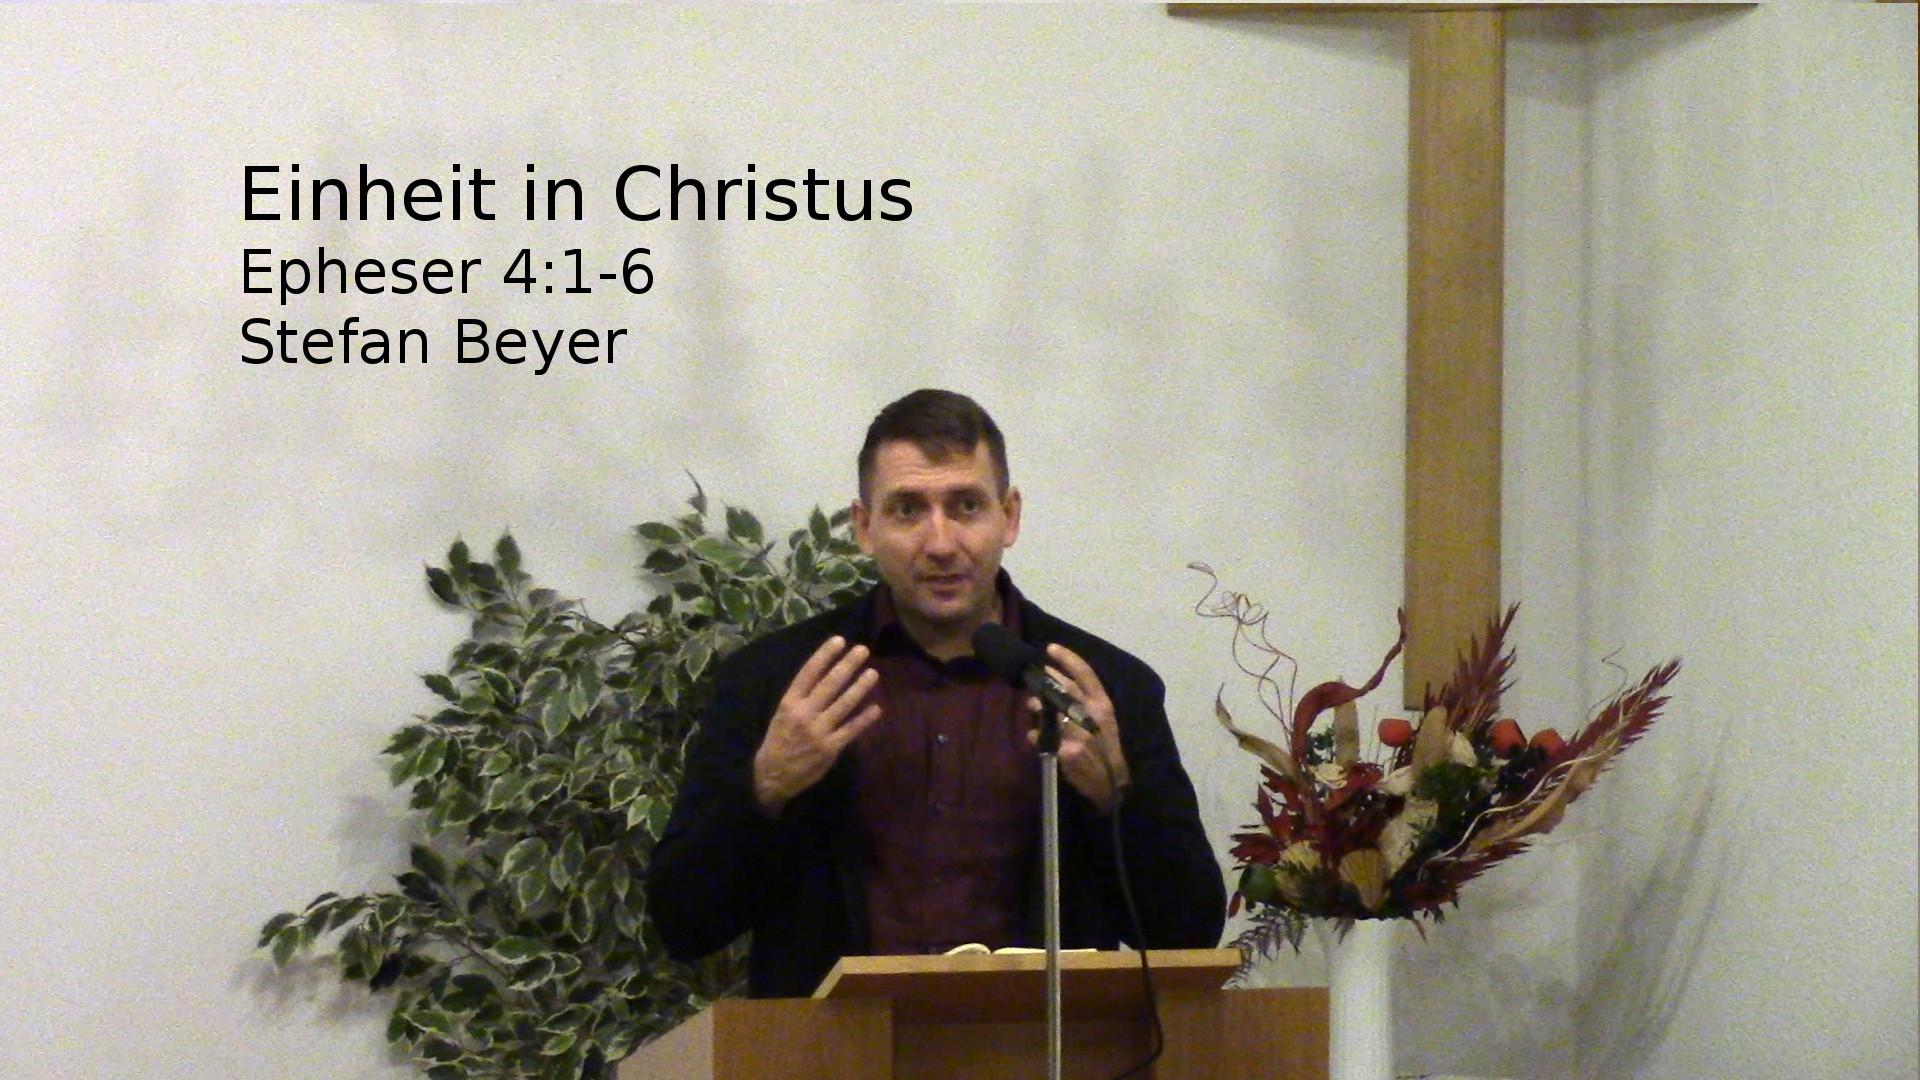 Einheit in Christus